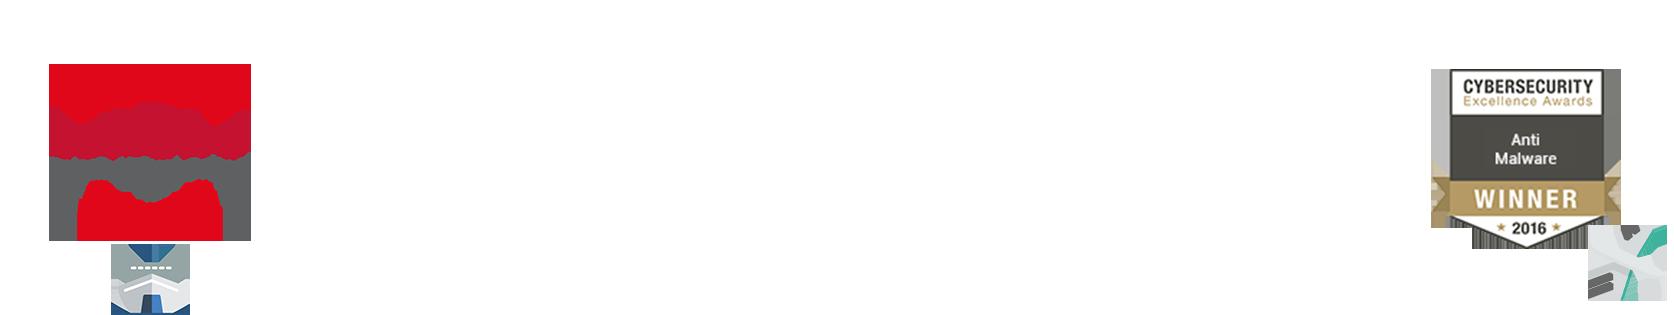 bglvl1